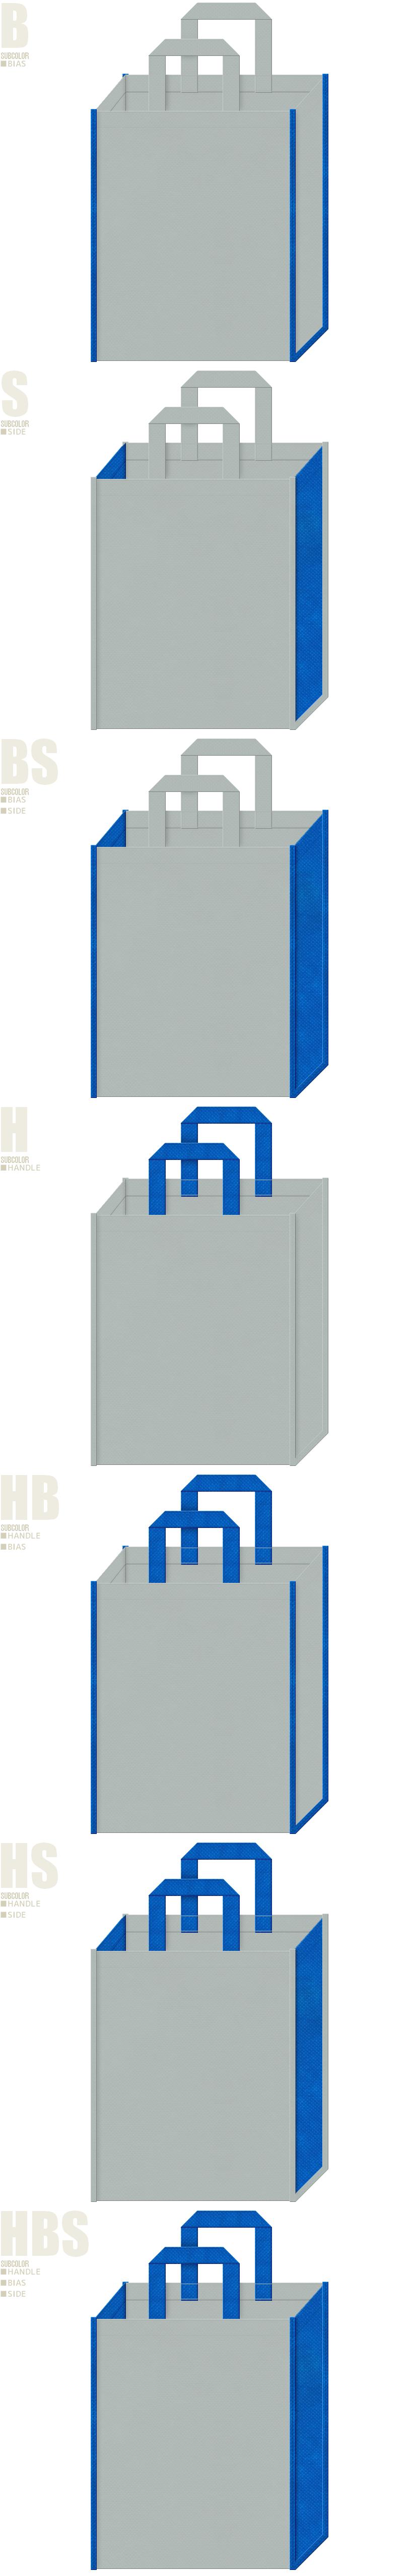 不織布バッグのデザイン:不織布メインカラーNo.2+サブカラーNo.22の2色7パターン